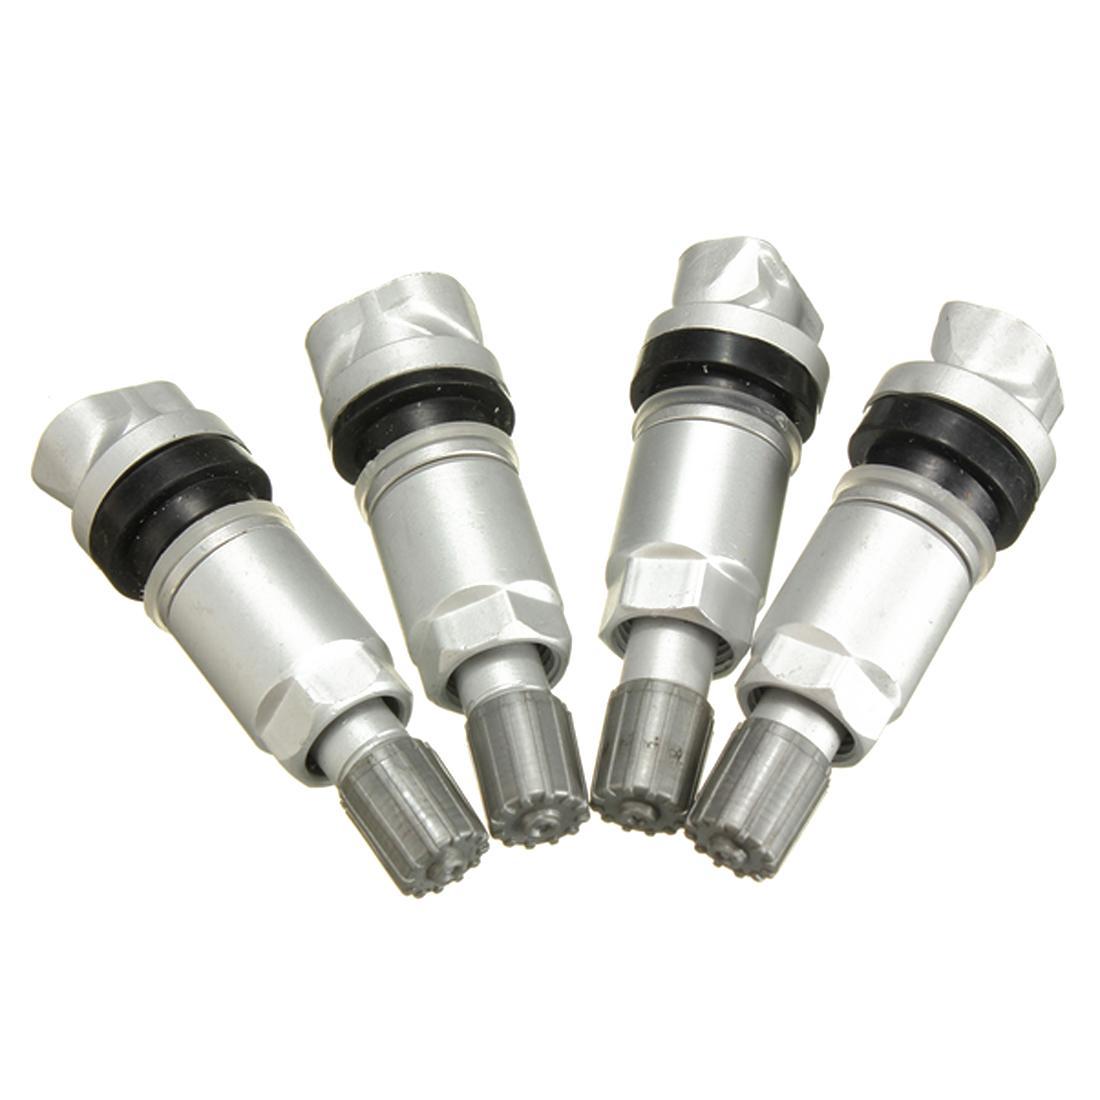 (4PCS) NEW TPMS sensor de presión válvula de la rueda del vástago kit de reconstrucción de reemplazo adapta JEEP DODGE LAND ROVER